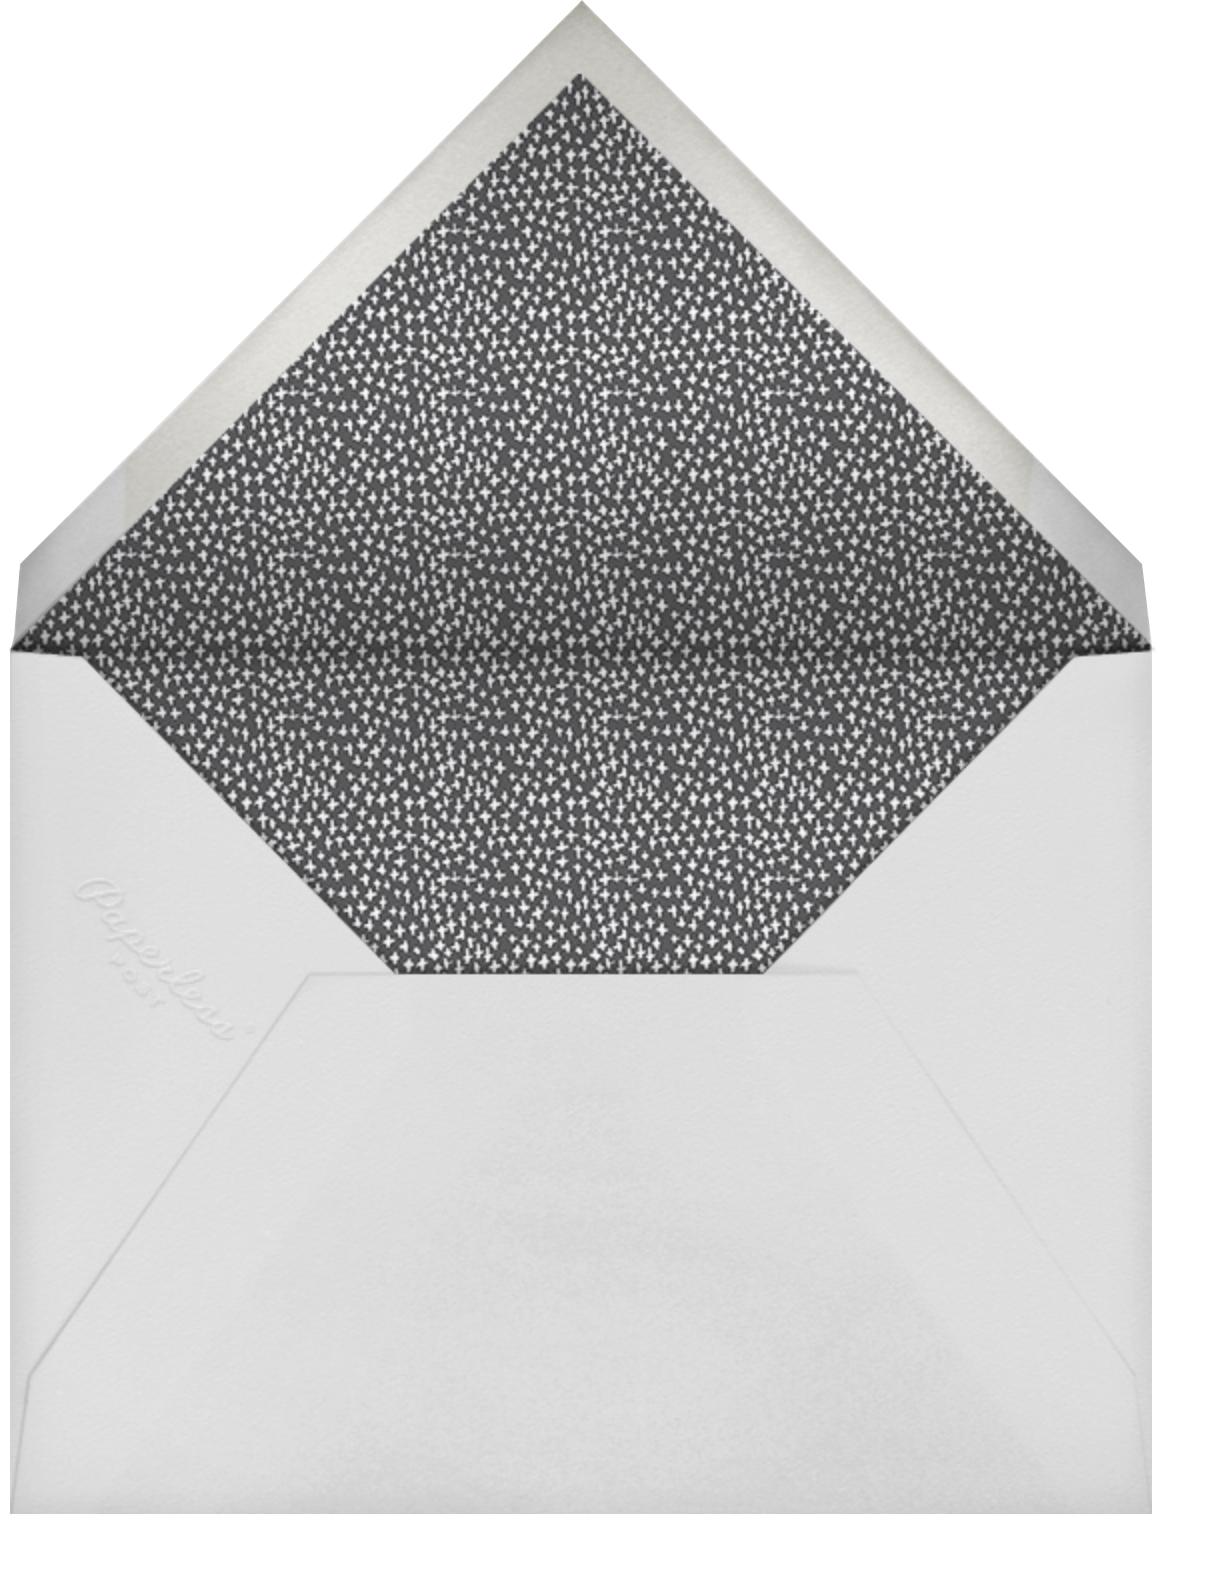 Let's Take a Chance Photo - Metallic - Mr. Boddington's Studio - Mr. Boddington's Studio - envelope back